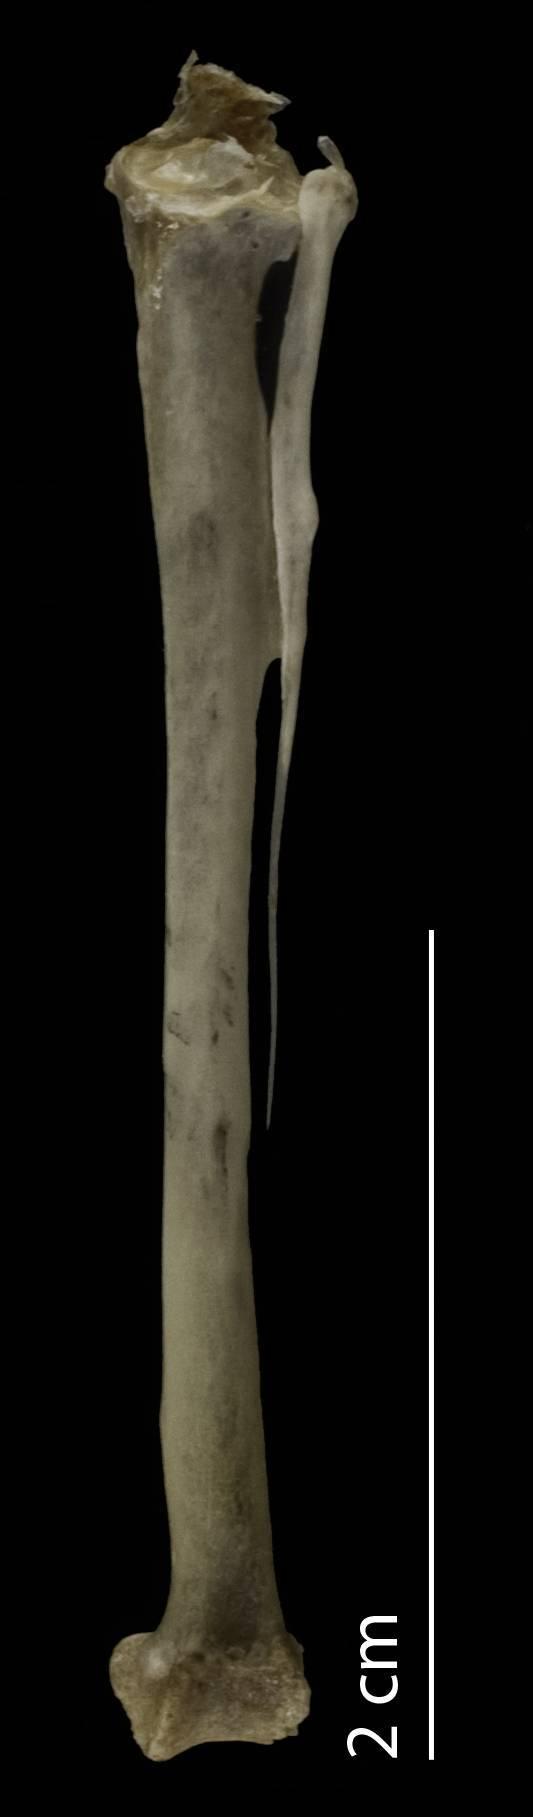 Image of Green Wood Hoopoe